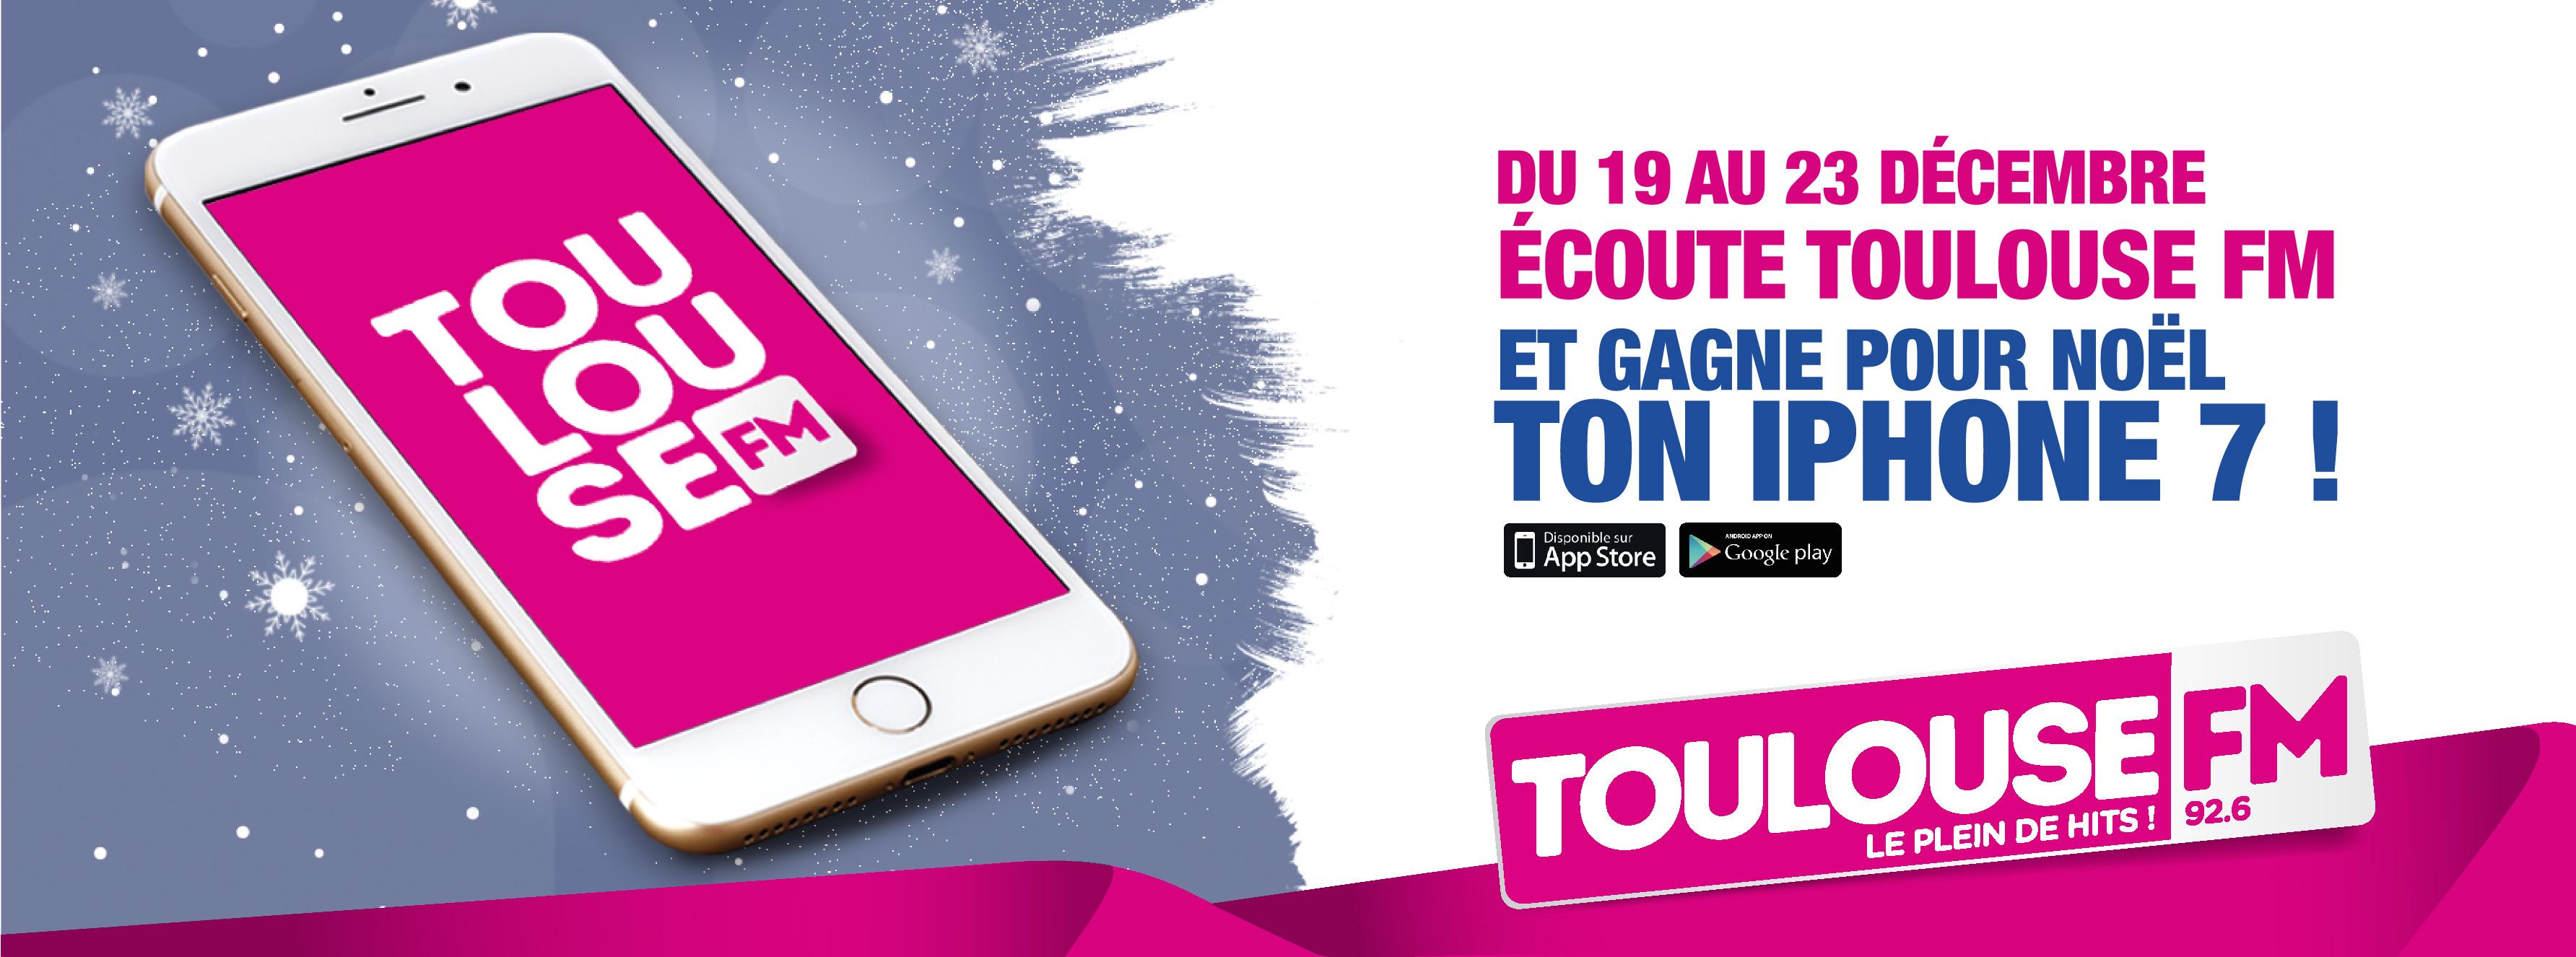 Pour Noël, Toulouse FM offre un iPhone 7